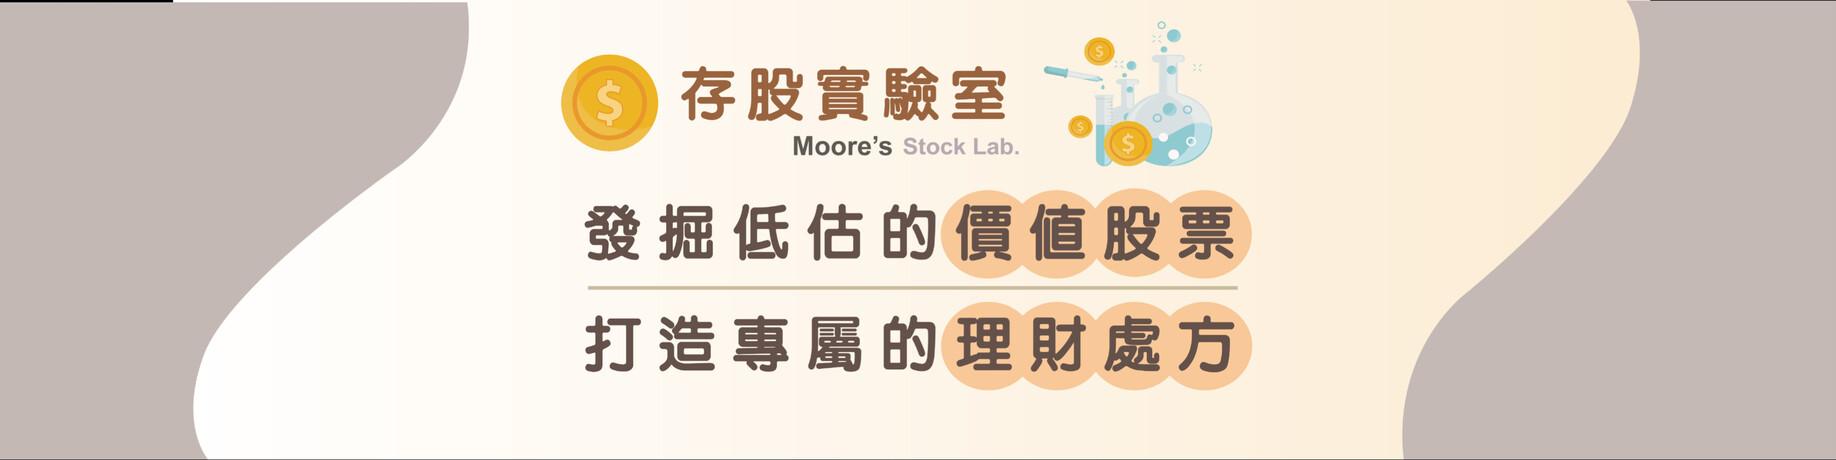 Moore@存股實驗室